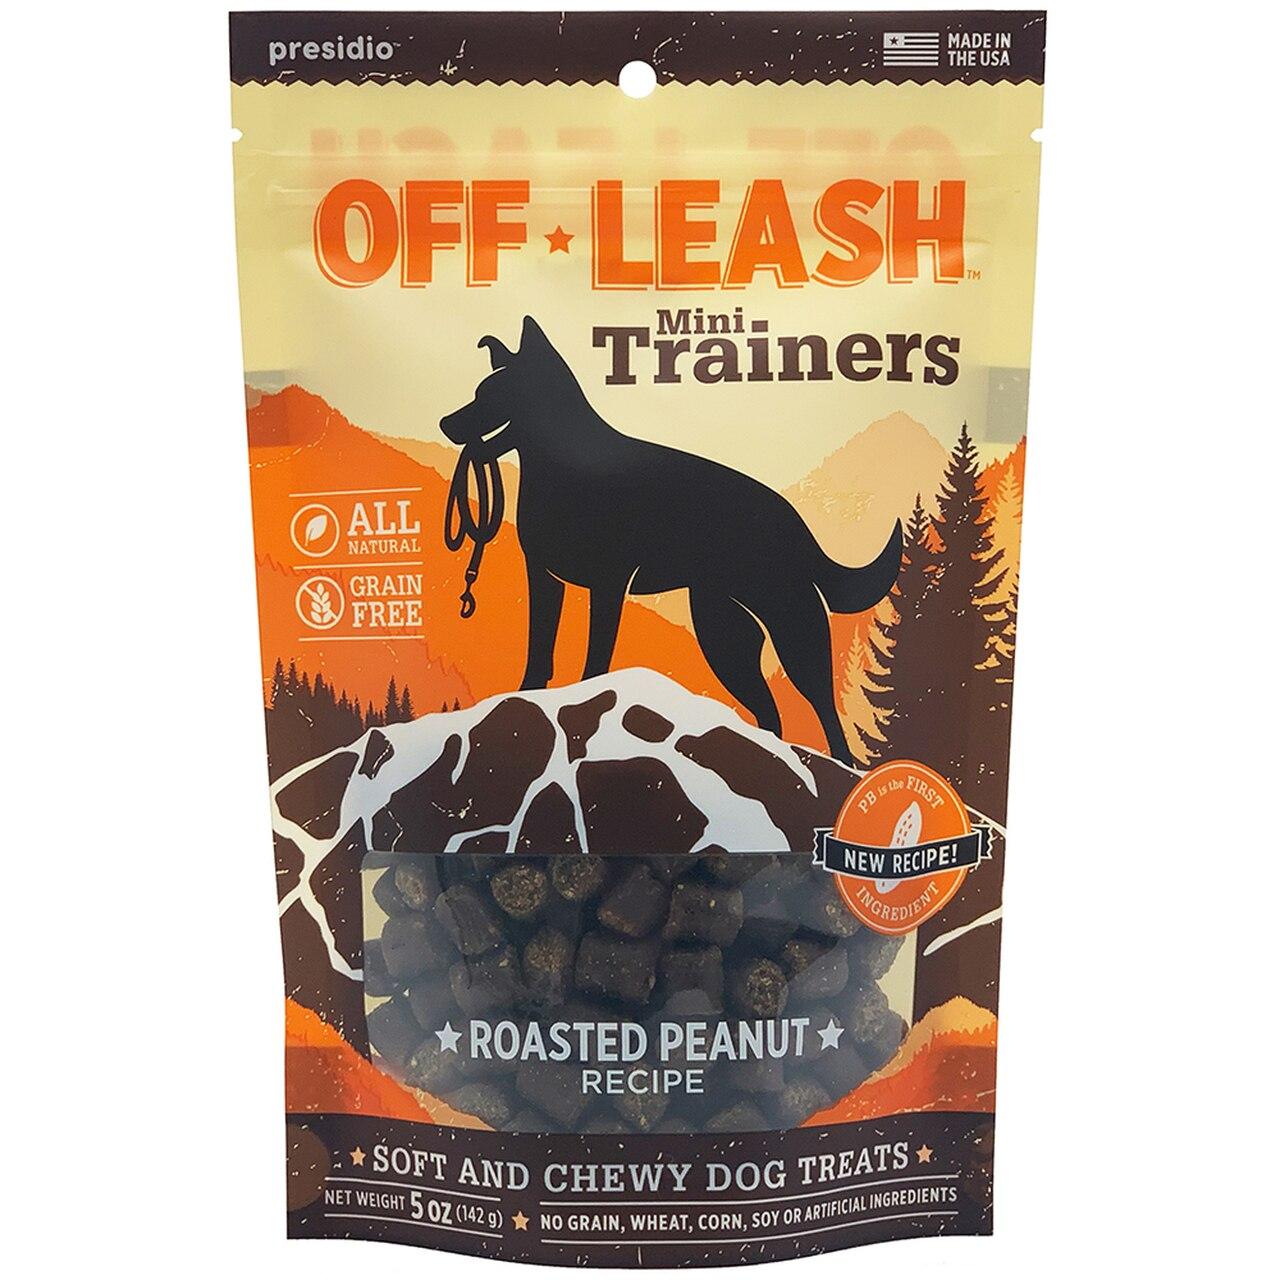 Presidio Off Leash Mini Trainers Roasted Peanut Dog Treats, 5-oz